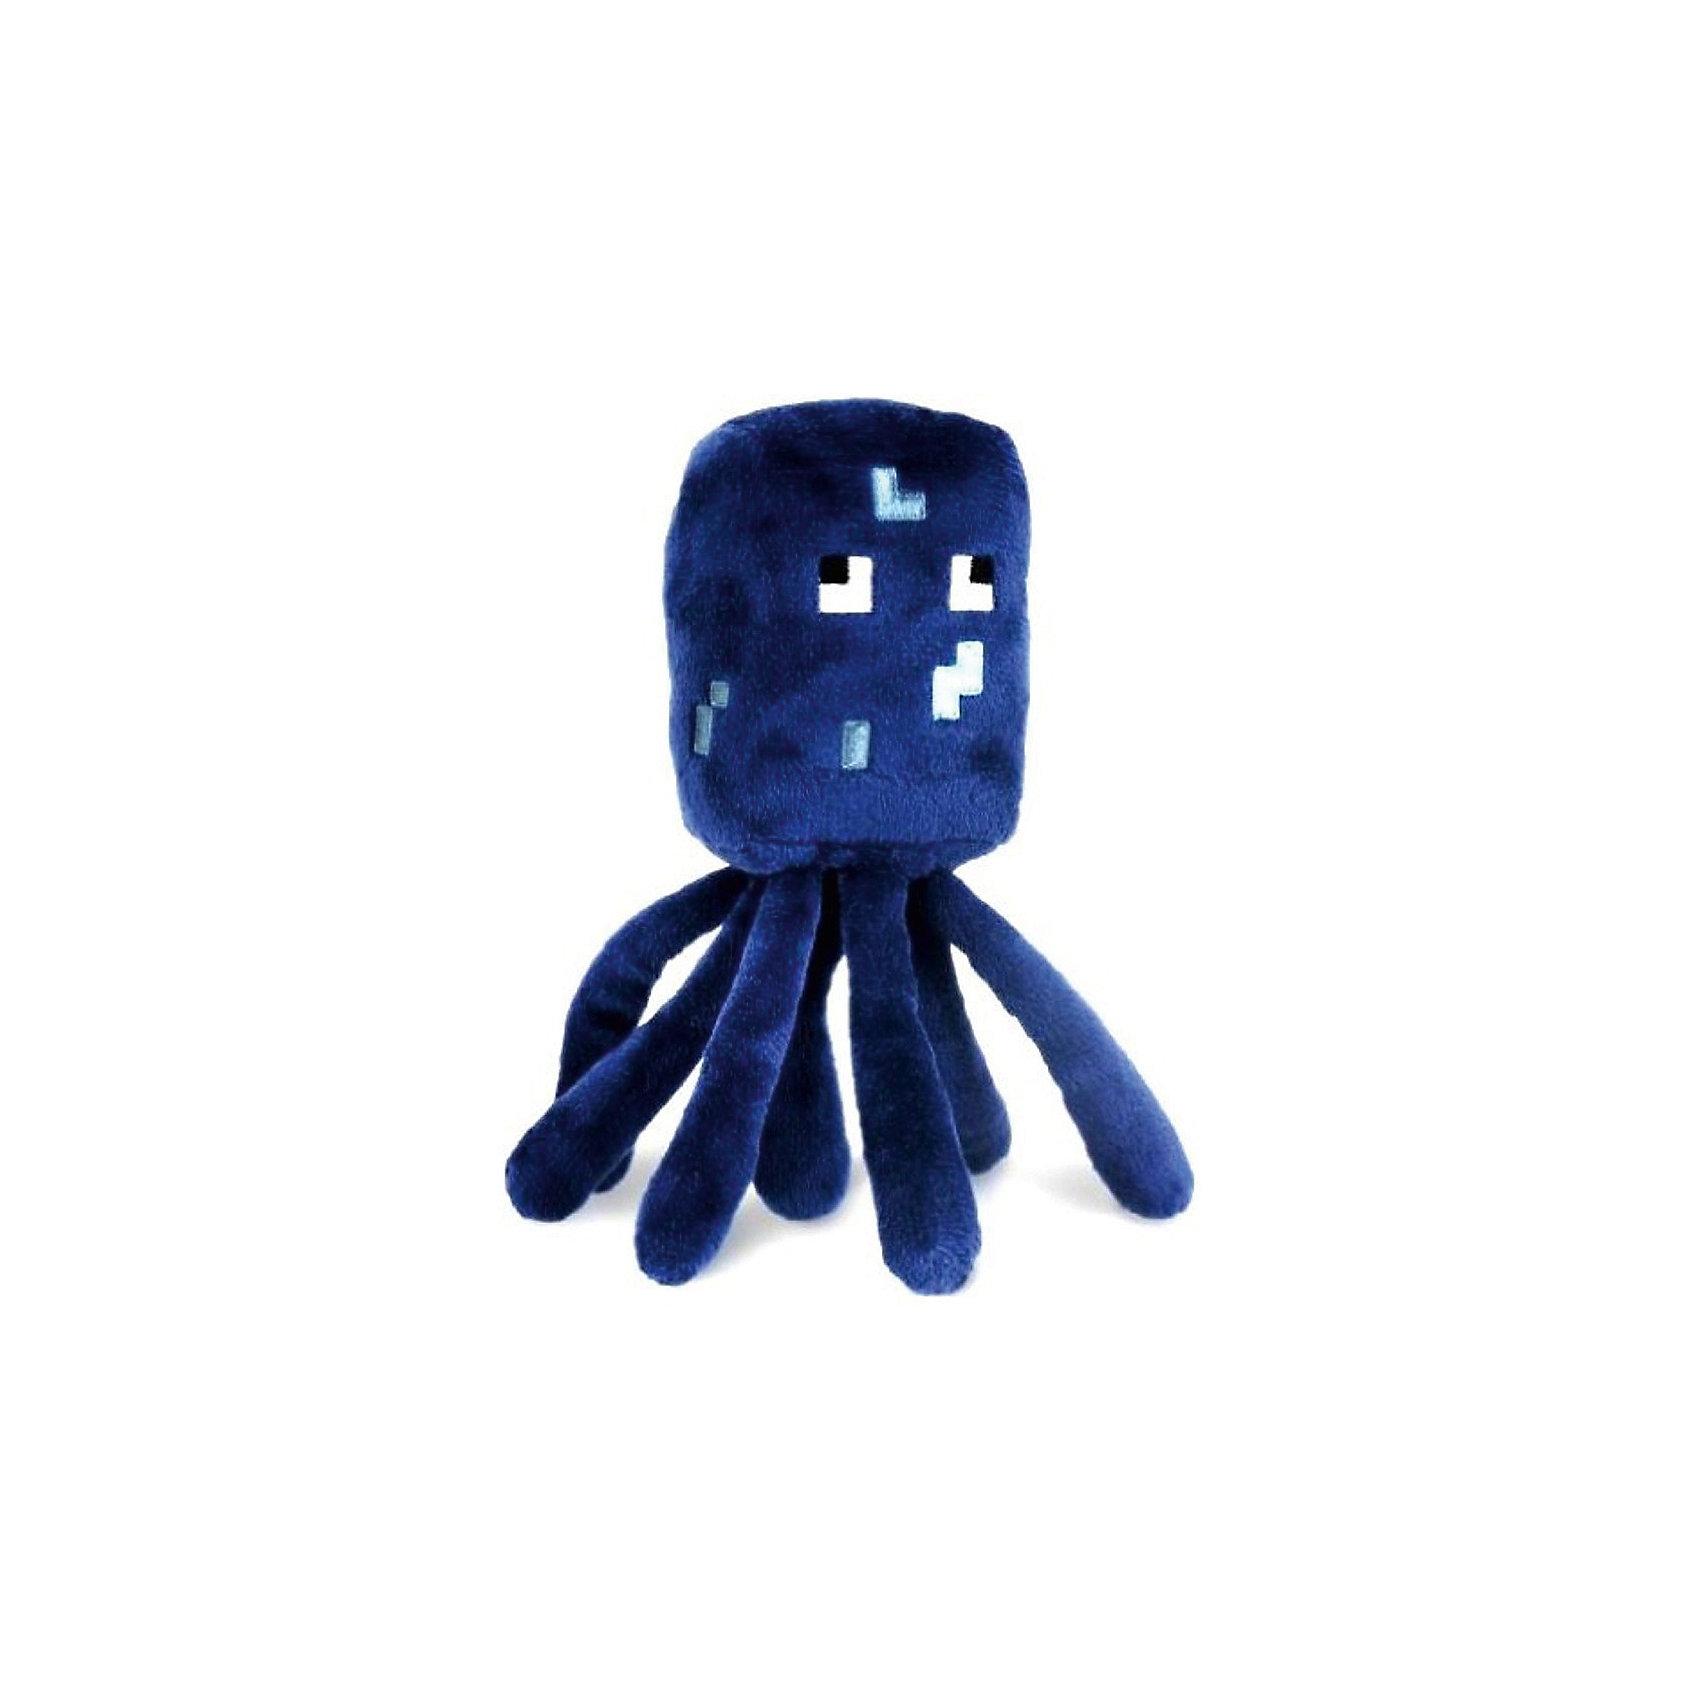 Игрушка Осьминог, 18 см, MinecraftИгрушка Осьминог, 18 см, Minecraft (Майнкрафт) - это доброжелательный моб из культовой игры Майнкрафт.<br>Плюшевая игрушка Осьминог (Squid) создана по мотивам самой популярной игры в мире – Minecraft. Спрут обитает в воде на большой глубине. Он доброжелателен и позволяет получать чернильные мешки. Игрушка сделана из качественных материалов, очень мягкая и приятная на ощупь. Осьминог – идеальный друг, где бы вы ни играли. Он удачно дополнит Вашу коллекцию персонажей из мира Майнкрафт или станет хорошим подарком фанату игры.<br><br>Дополнительная информация:<br><br>- Материал: плюш<br>- Размер: 18 см.<br><br>Игрушку Осьминог, 18 см, Minecraft (Майнкрафт) можно купить в нашем интернет-магазине.<br><br>Ширина мм: 100<br>Глубина мм: 150<br>Высота мм: 180<br>Вес г: 200<br>Возраст от месяцев: 108<br>Возраст до месяцев: 144<br>Пол: Унисекс<br>Возраст: Детский<br>SKU: 4293068